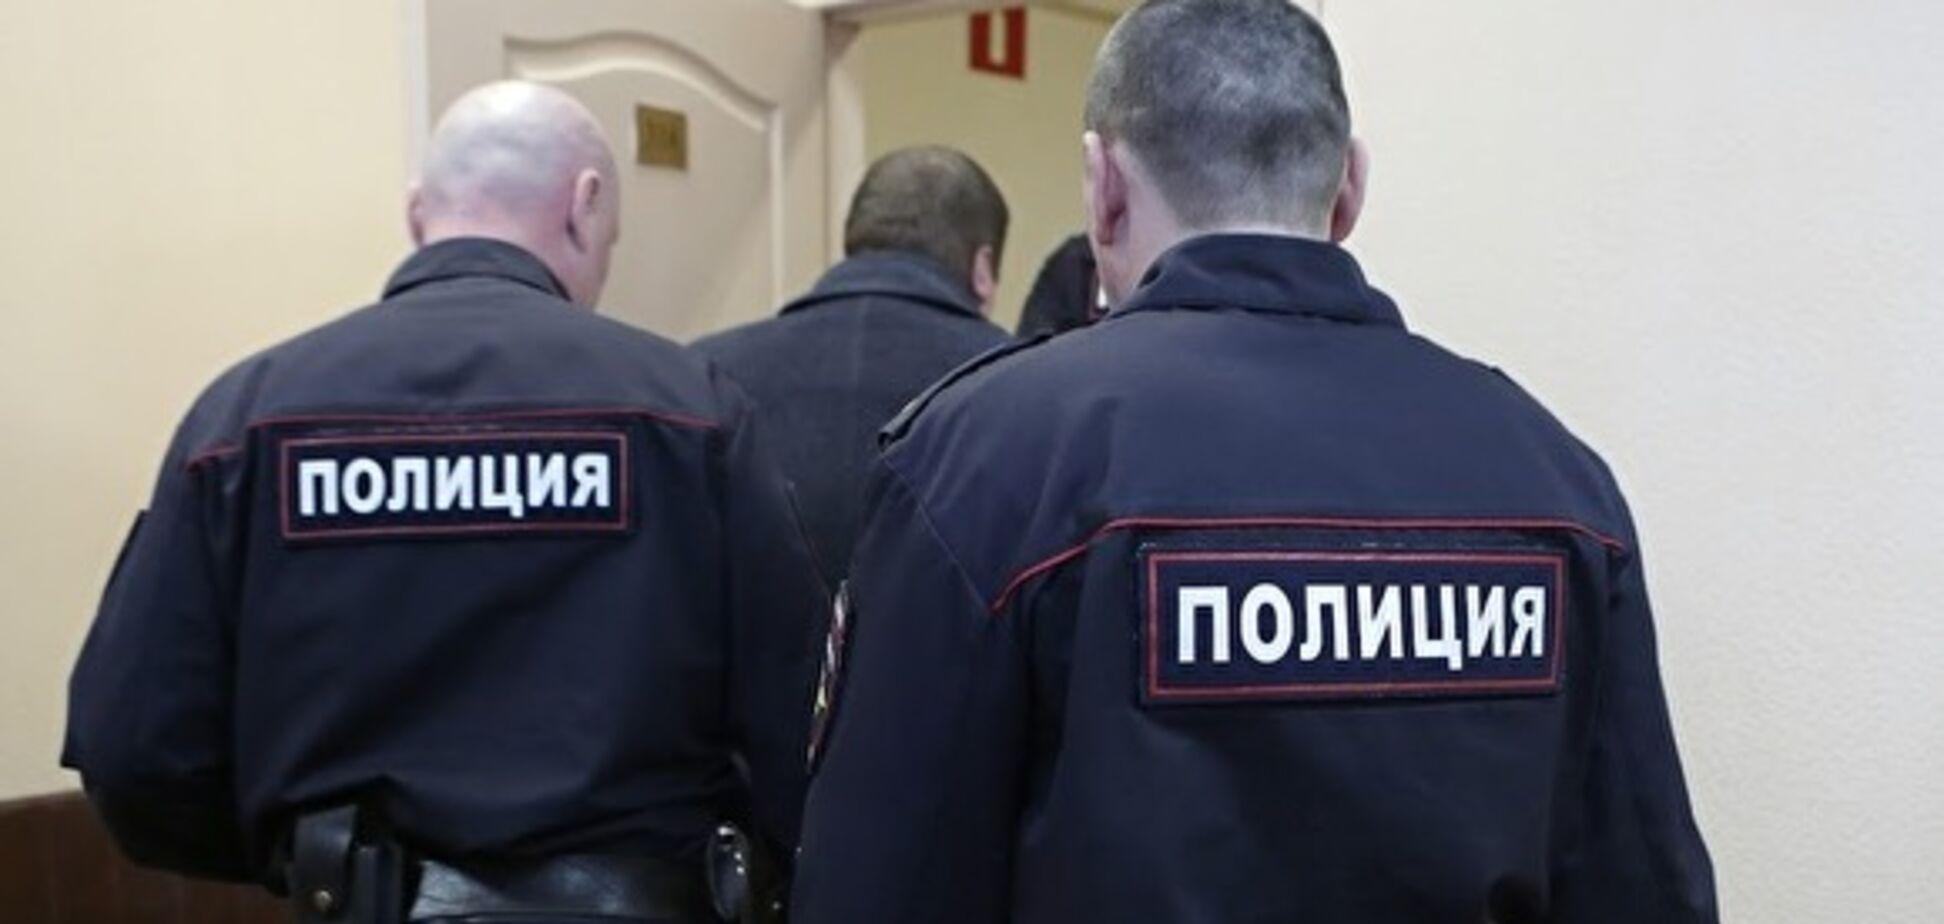 В России нашли зарезанными трех детей и их мать. Иллюстрация